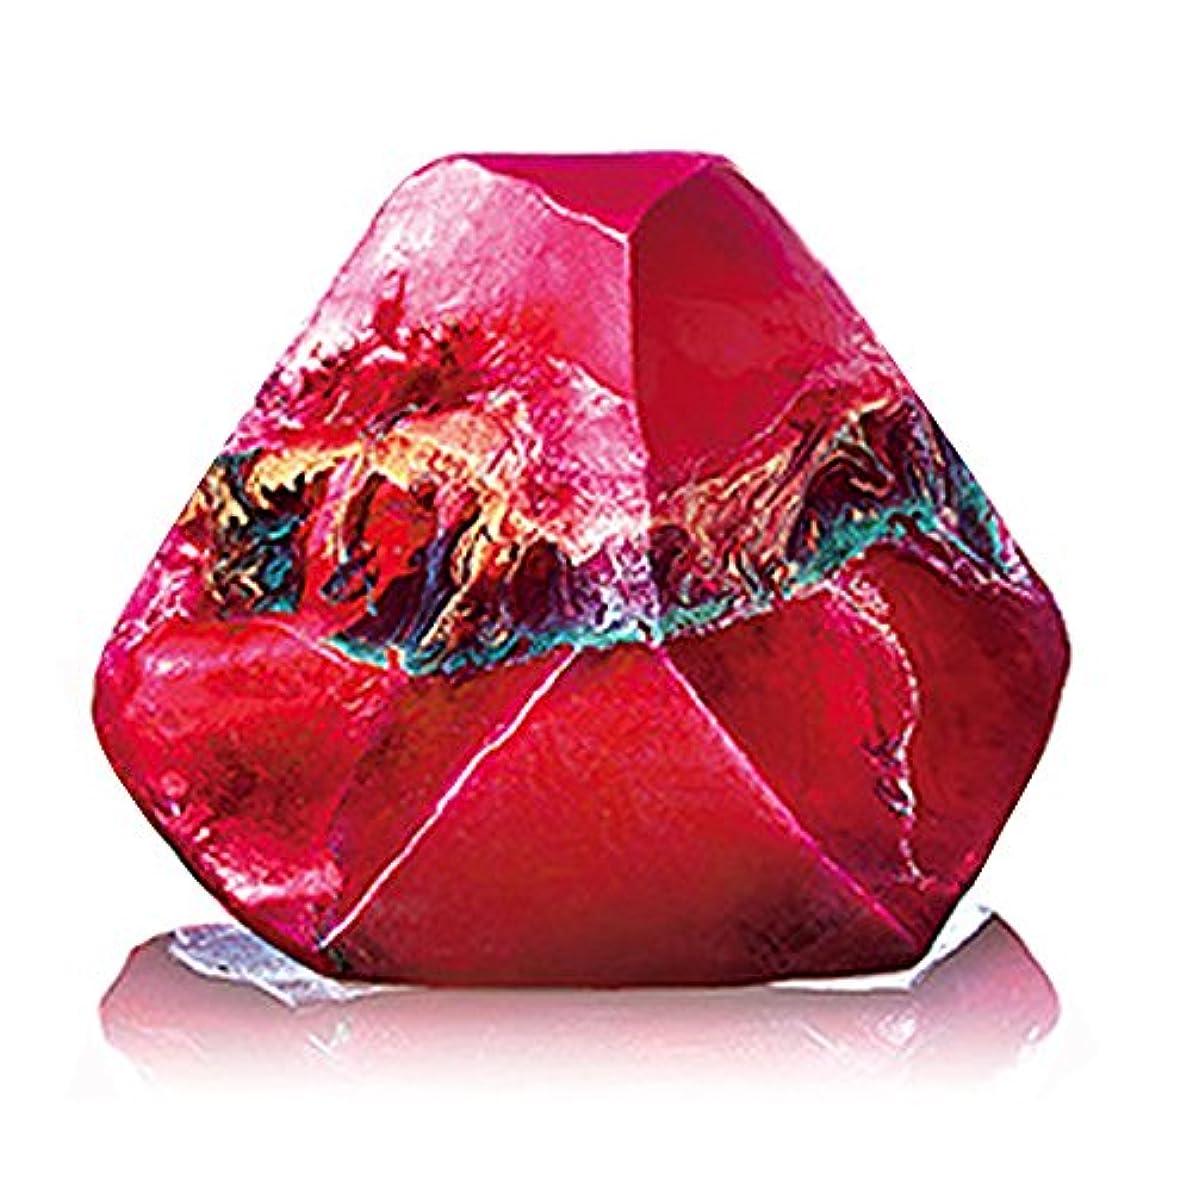 Savons Gemme サボンジェム 世界で一番美しい宝石石鹸 フレグランス ソープ ガーネット ミニ 114g